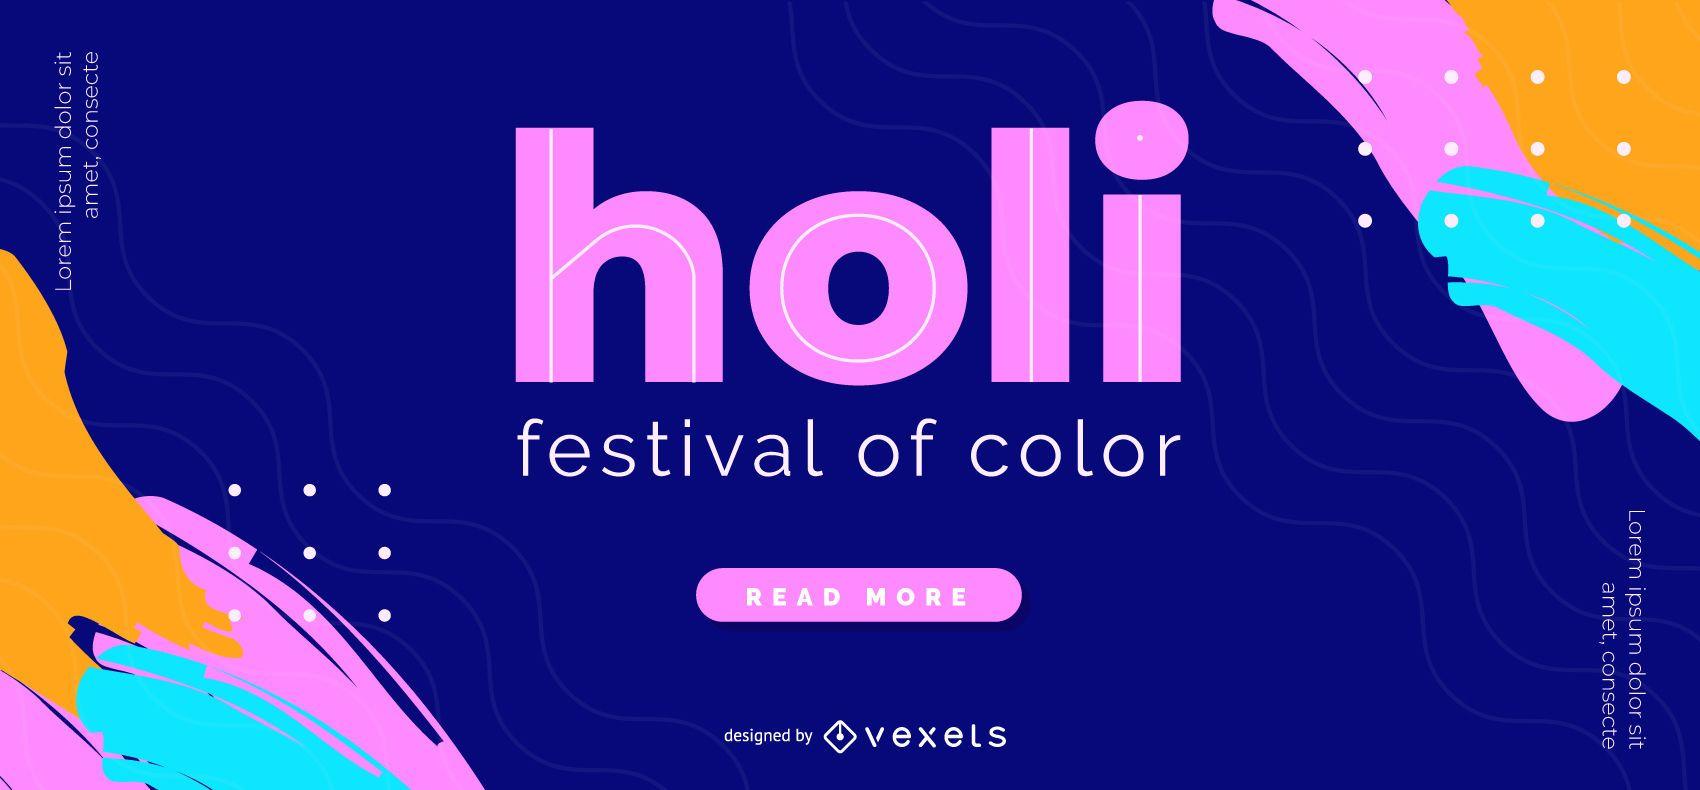 Holi Color Festival Web Slider Design